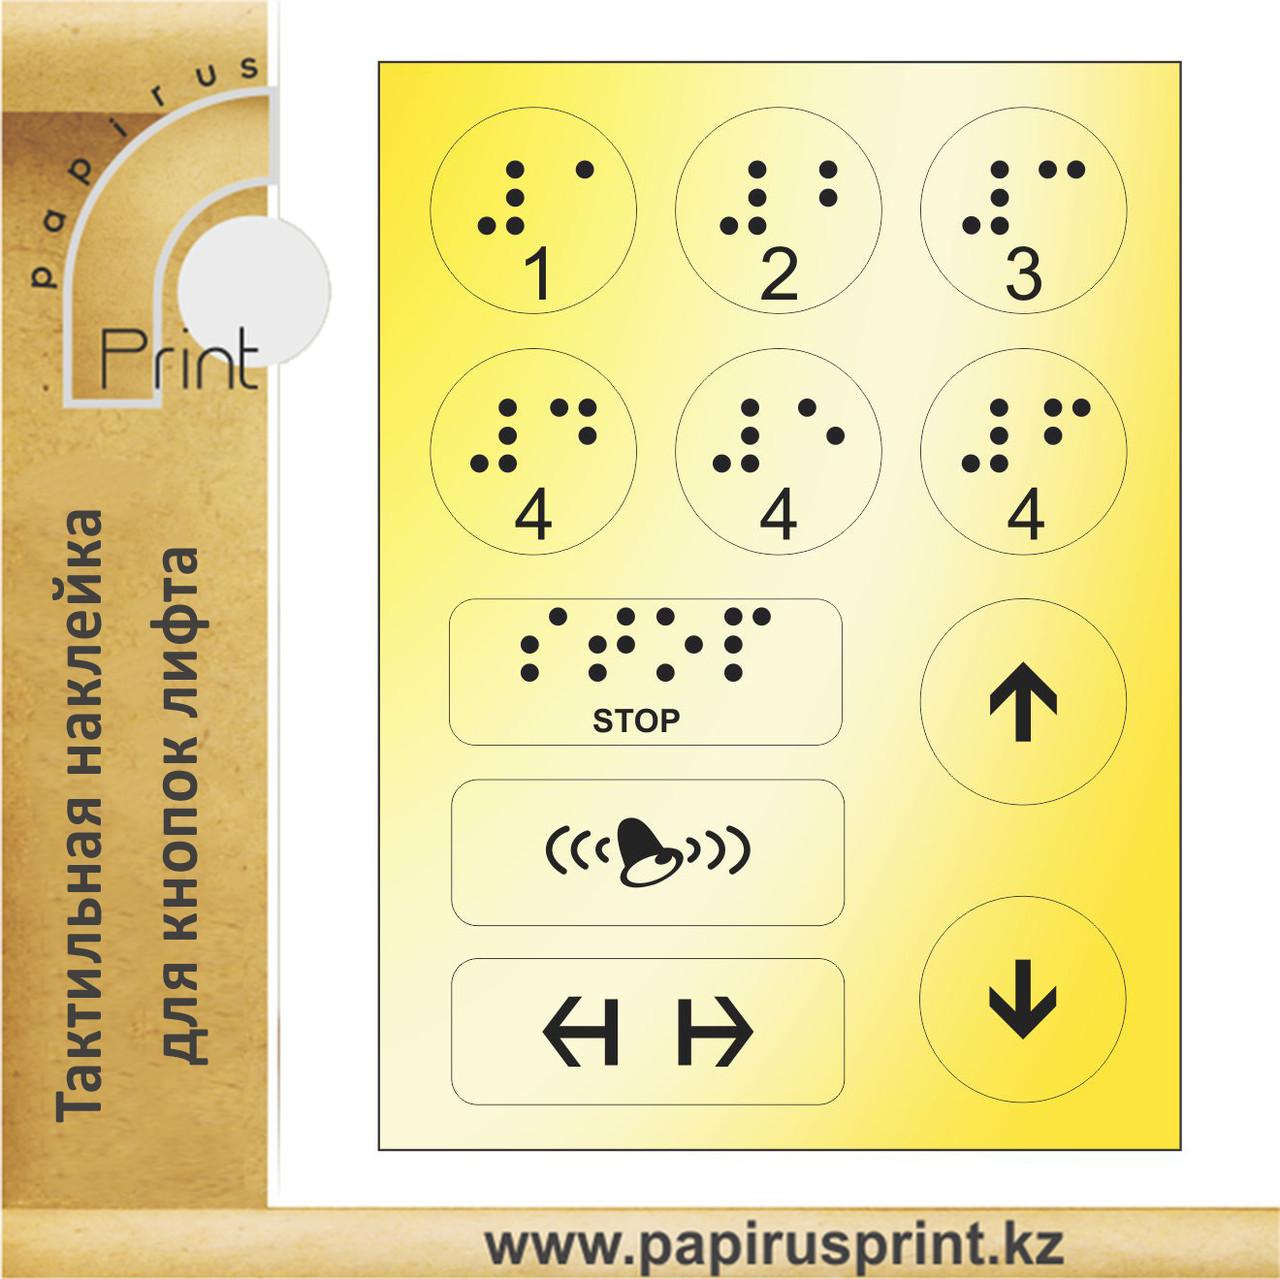 Тактильная наклейка на кнопки лифта